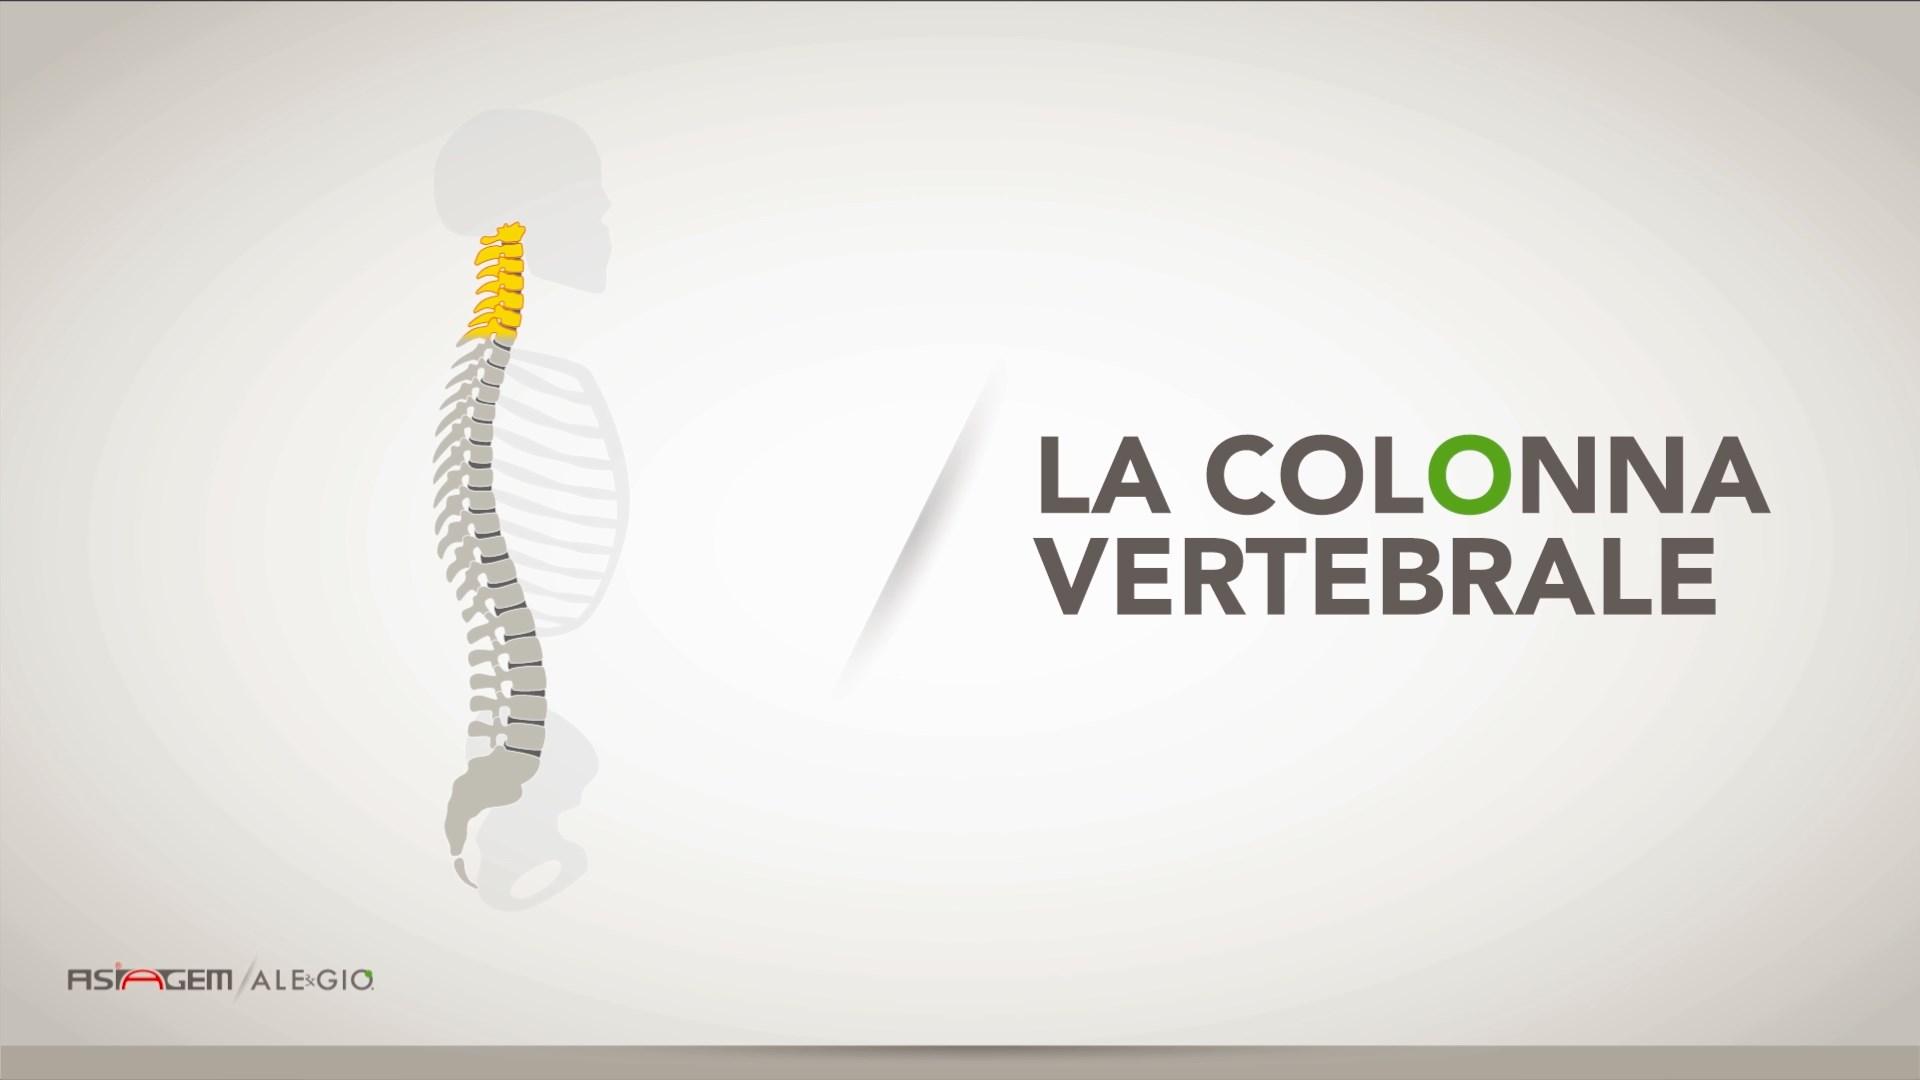 La colonna vertebrale